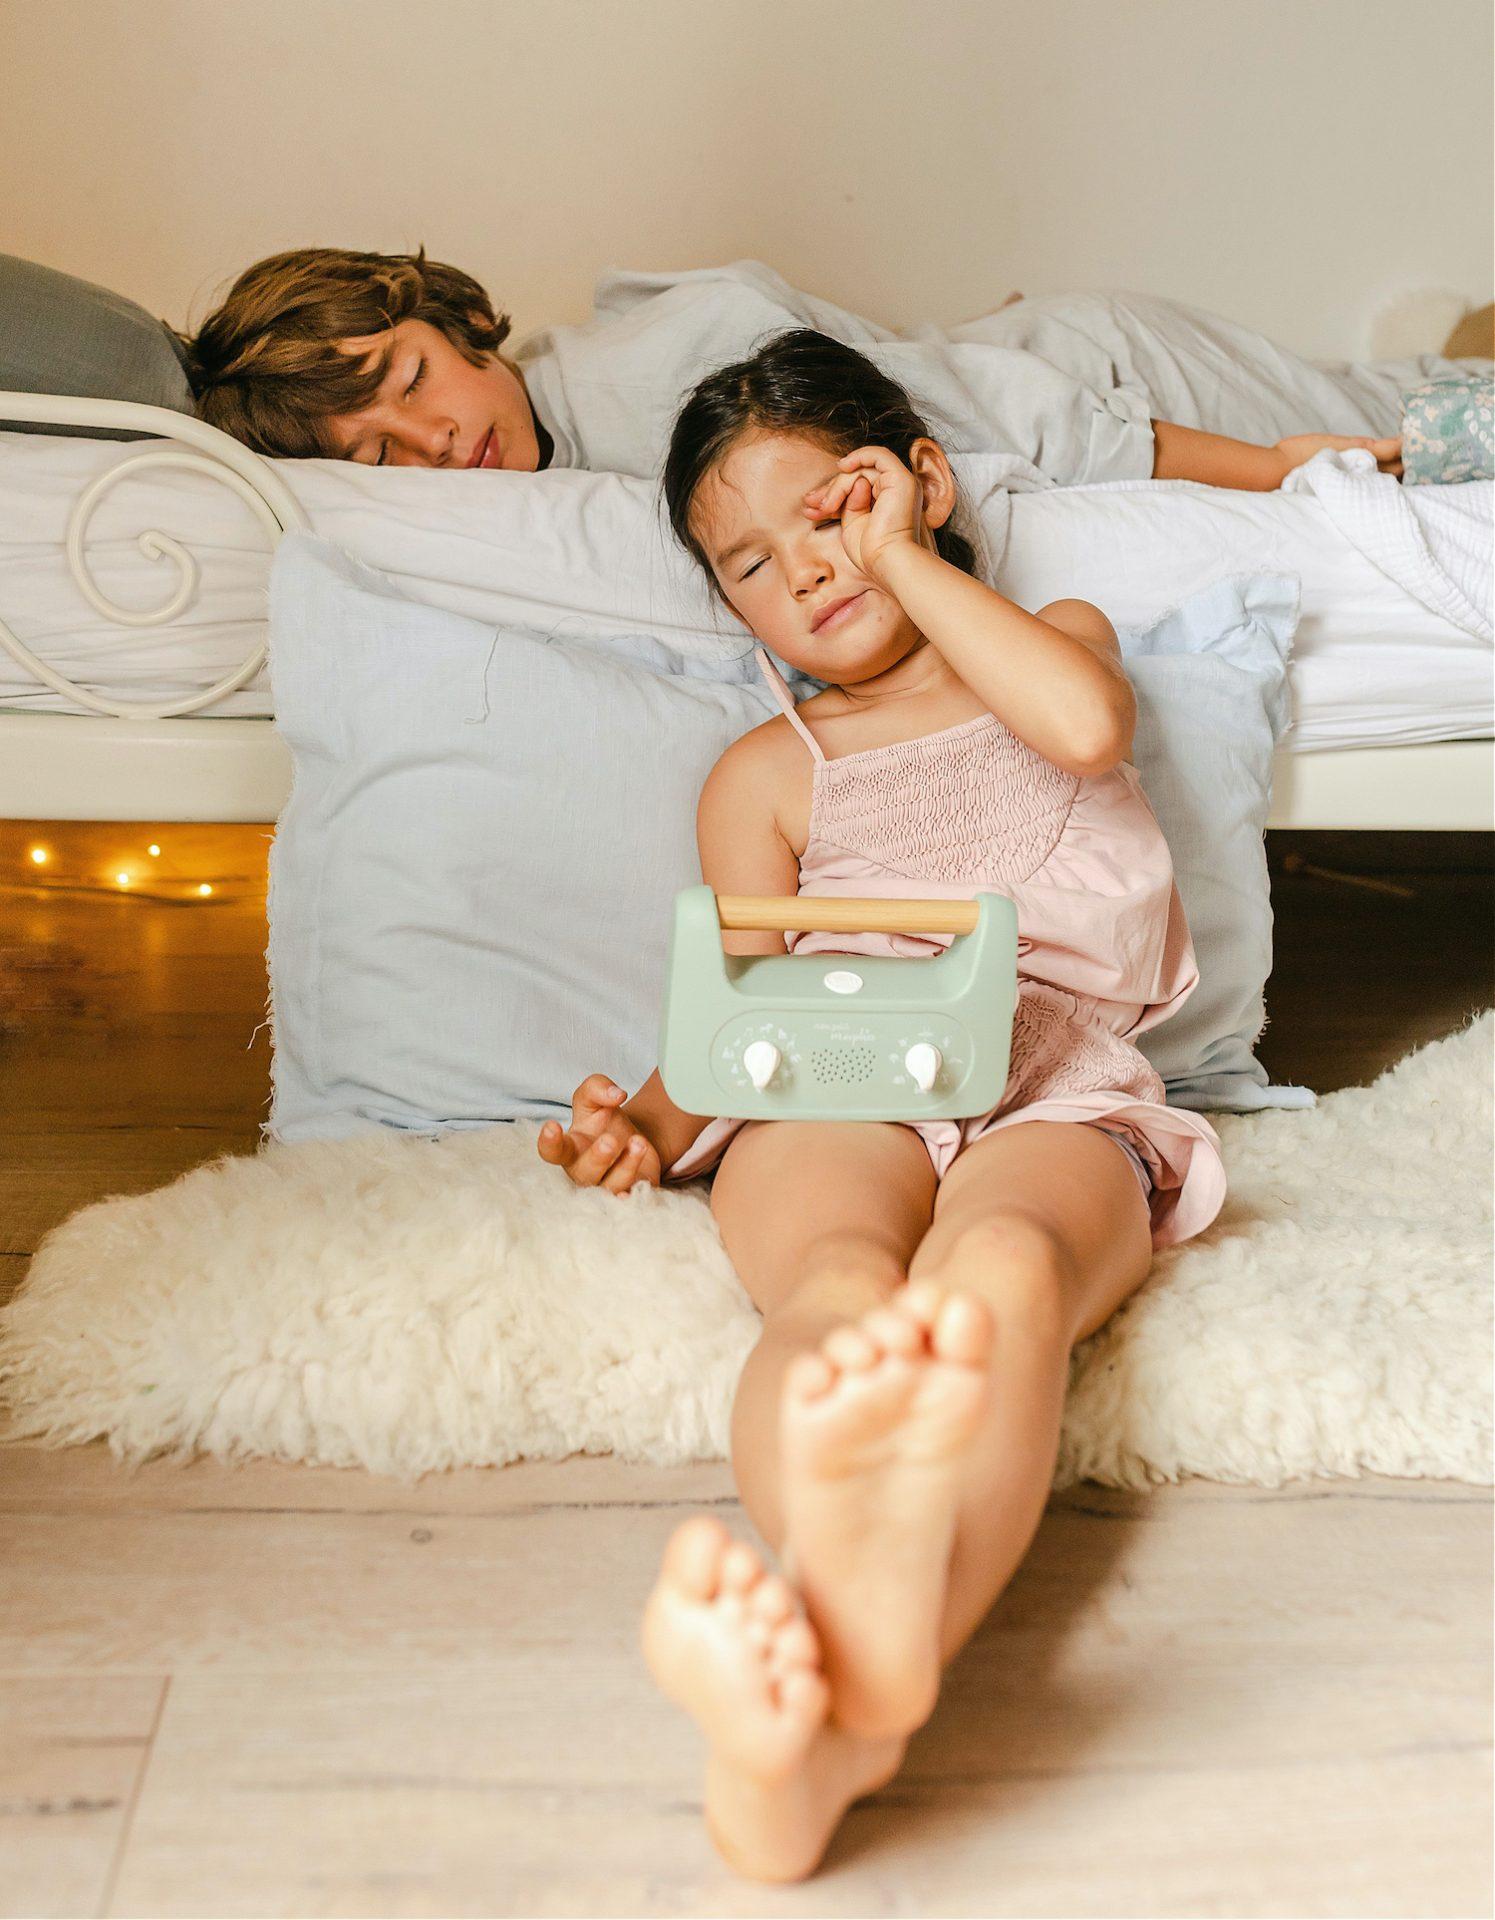 Mon Petit Morphée : un appareil de méditation qui aide les enfants à s'endormir